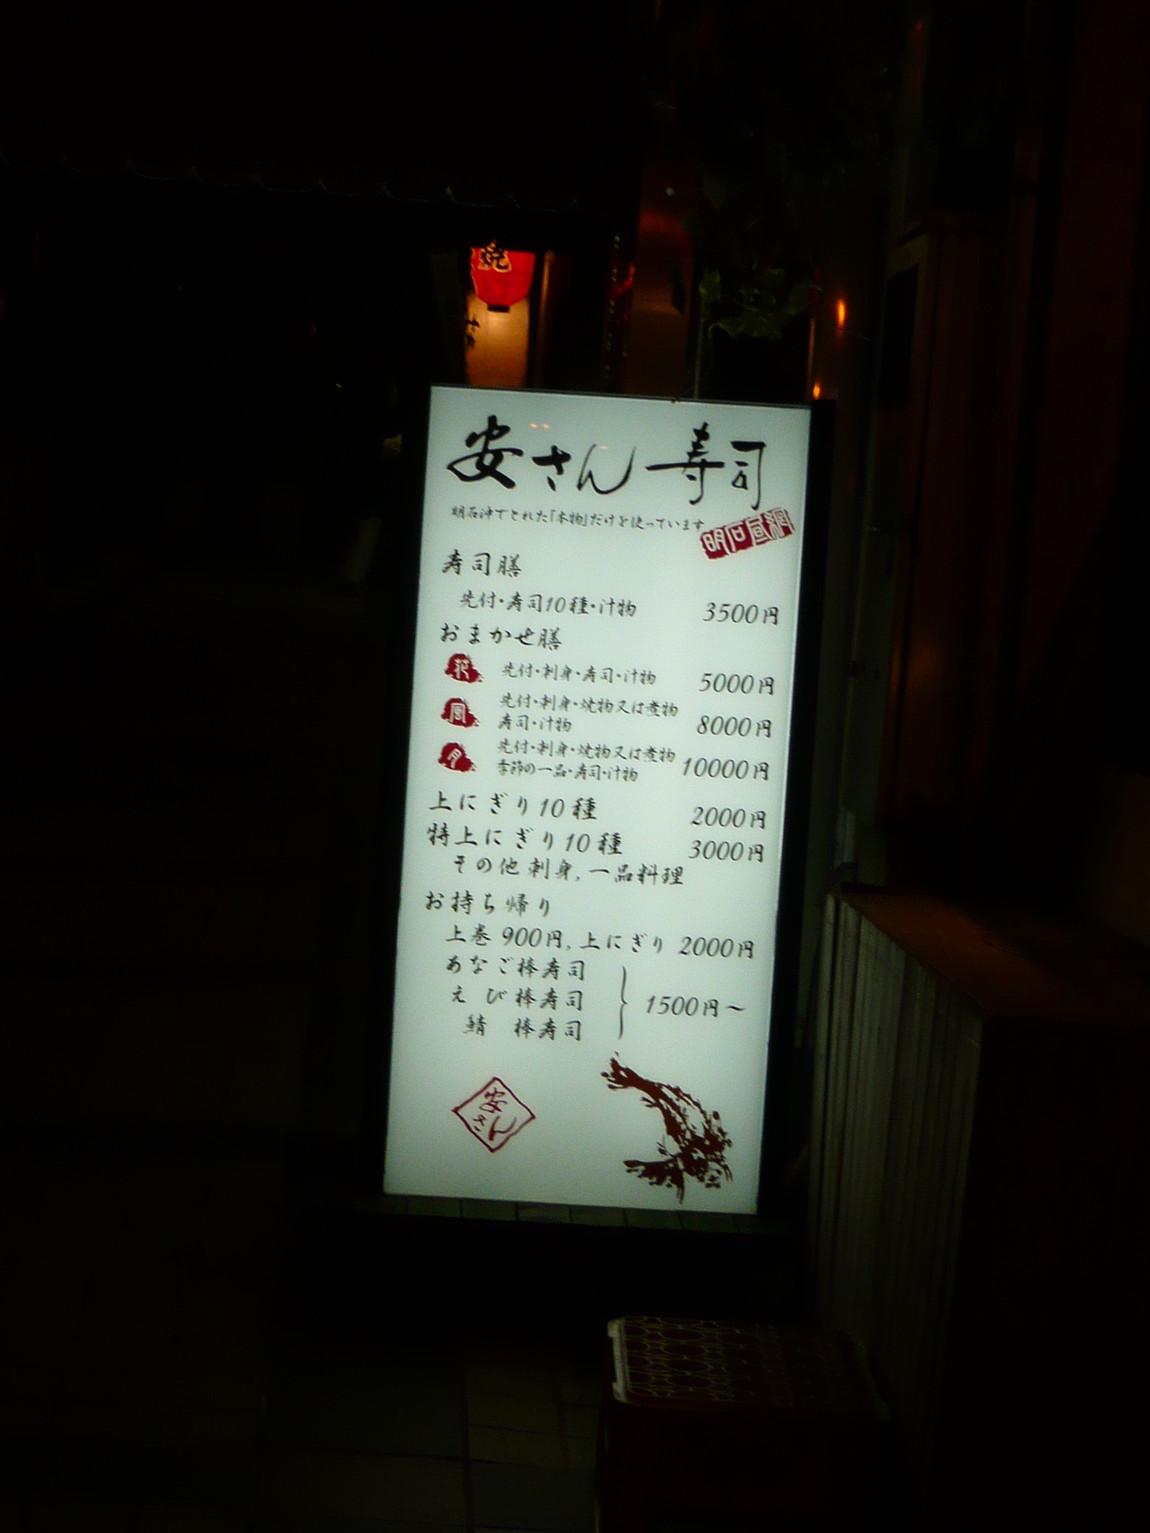 安さん 栄町店